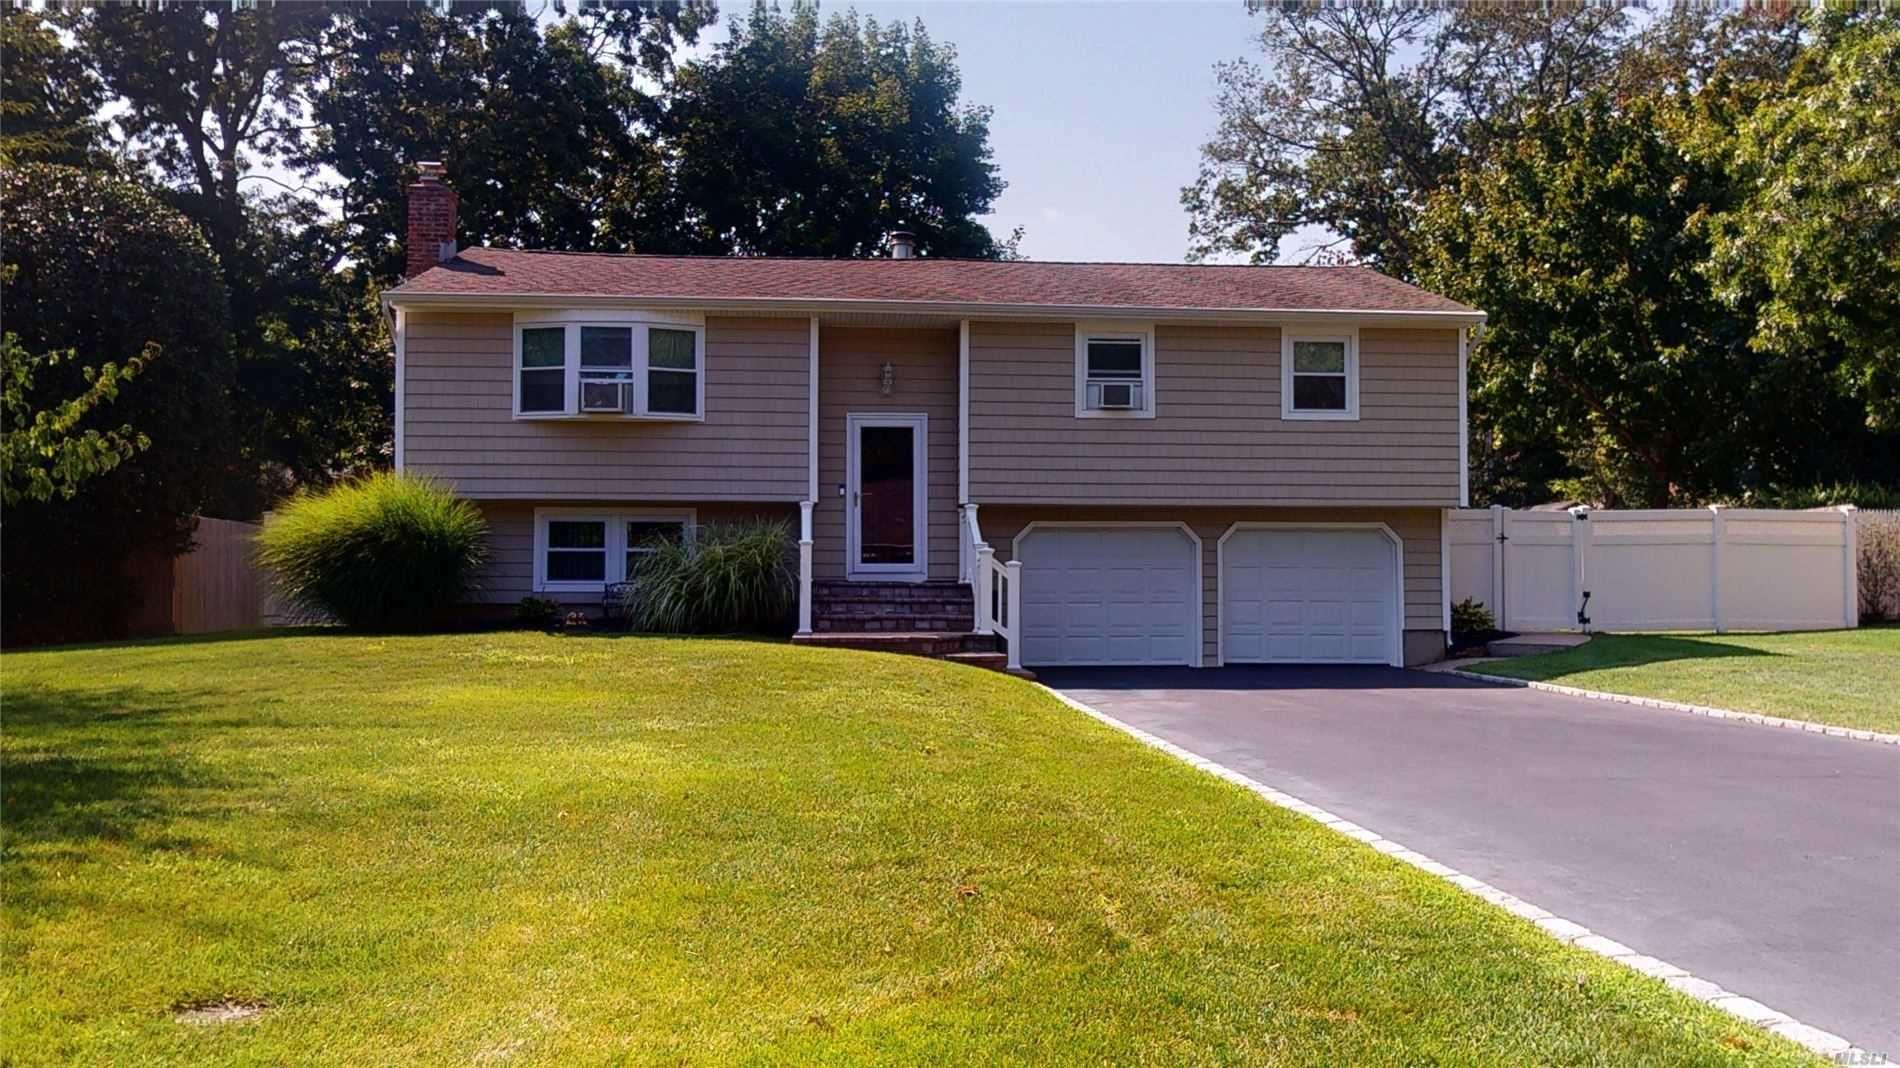 14 Sandy Hollow Lane, Ridge, NY 11961 - MLS#: 3241246